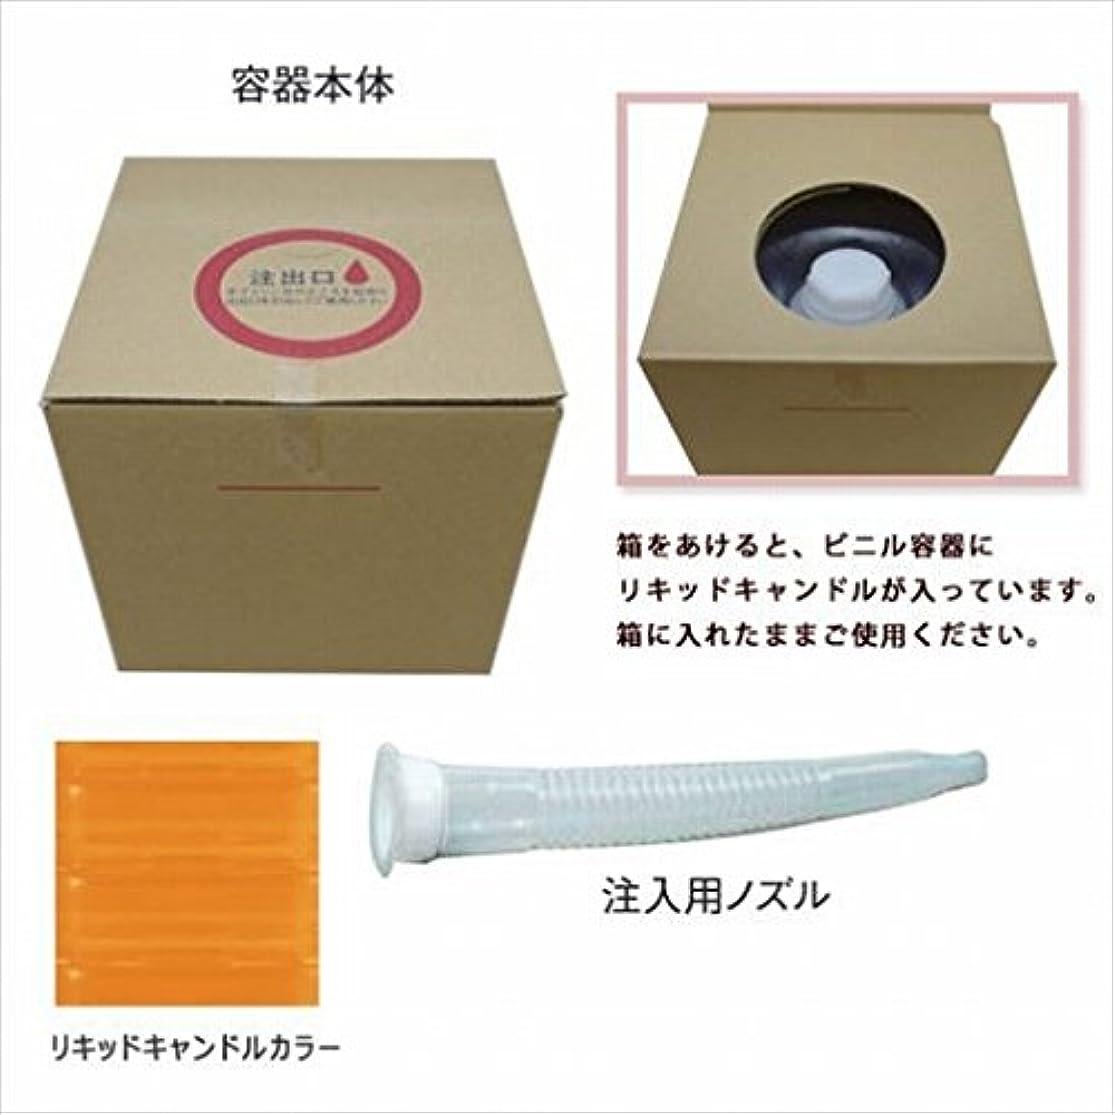 社会くつろぎ推定カメヤマキャンドル(kameyama candle) リキッドキャンドル5リットル 「 シャンパンゴールド 」